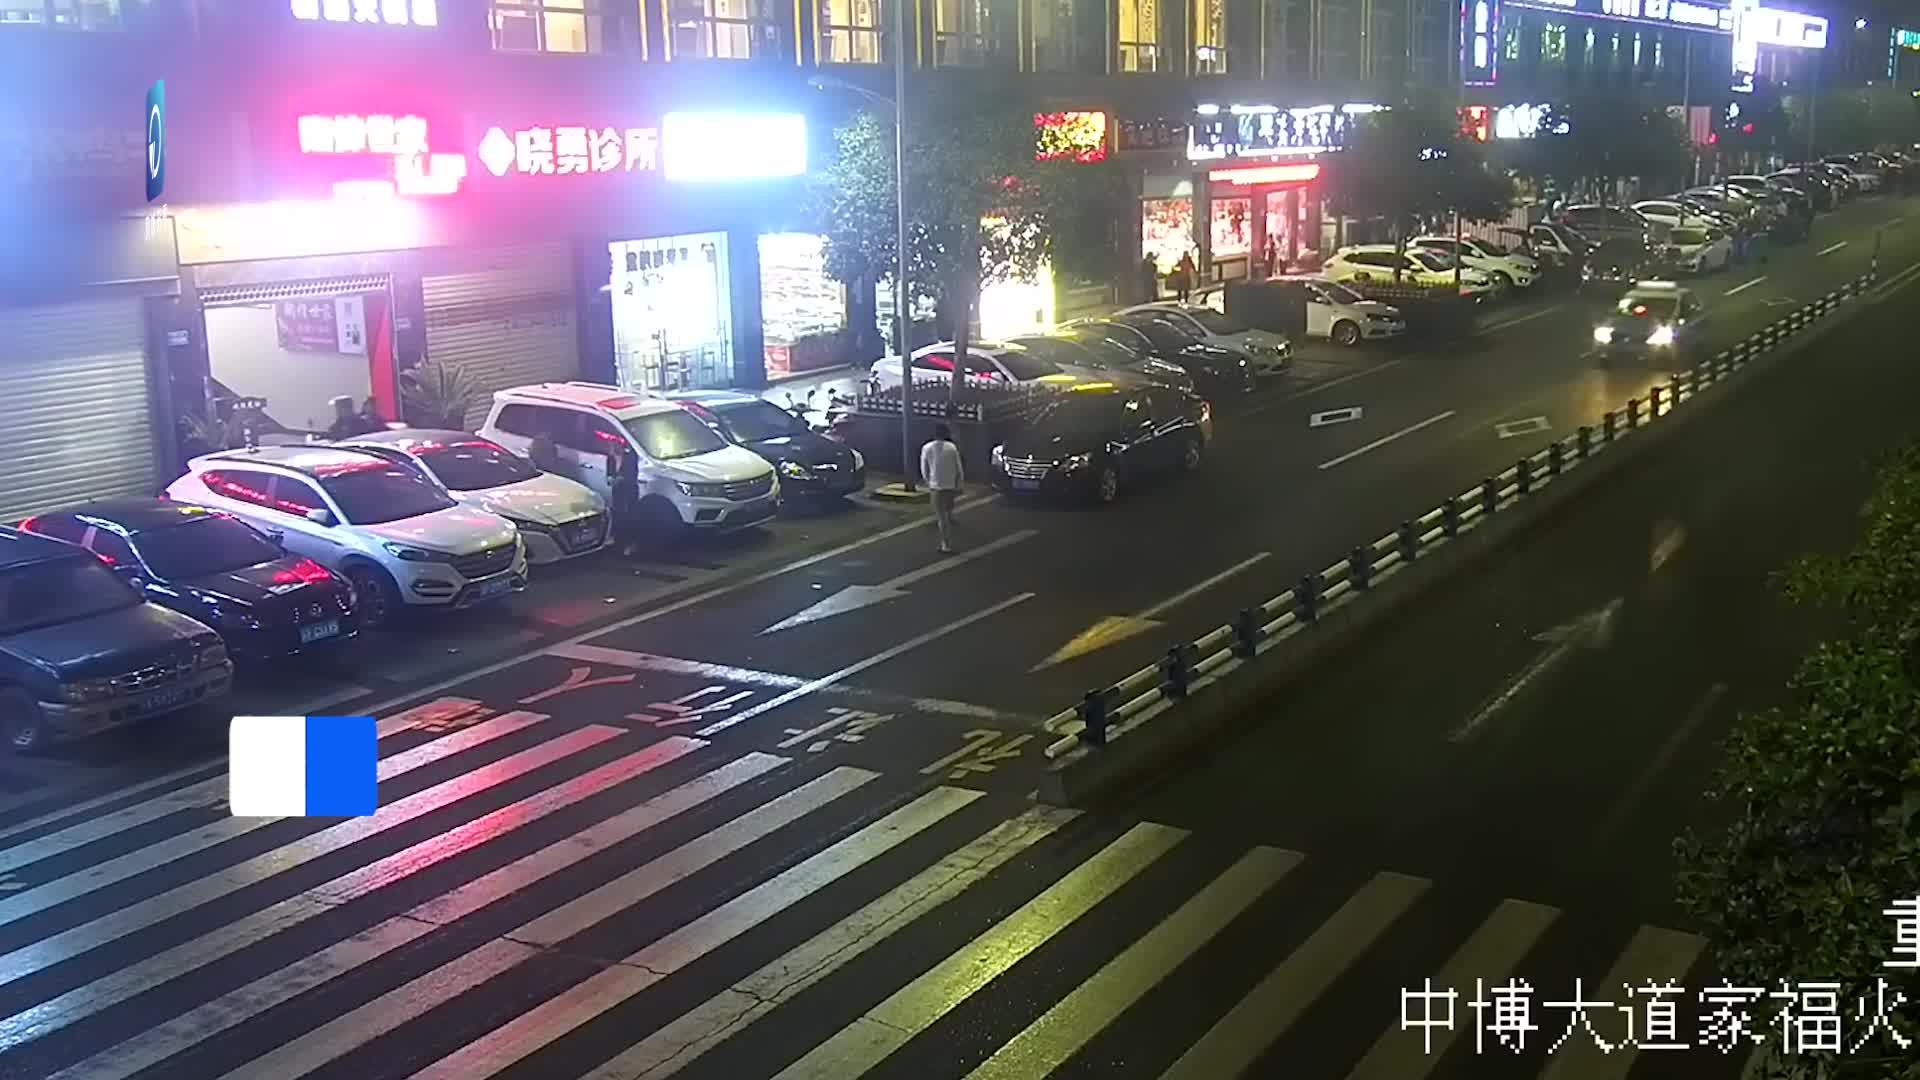 摩托车经过人行横道时未让行 撞上过马路行人双双摔倒